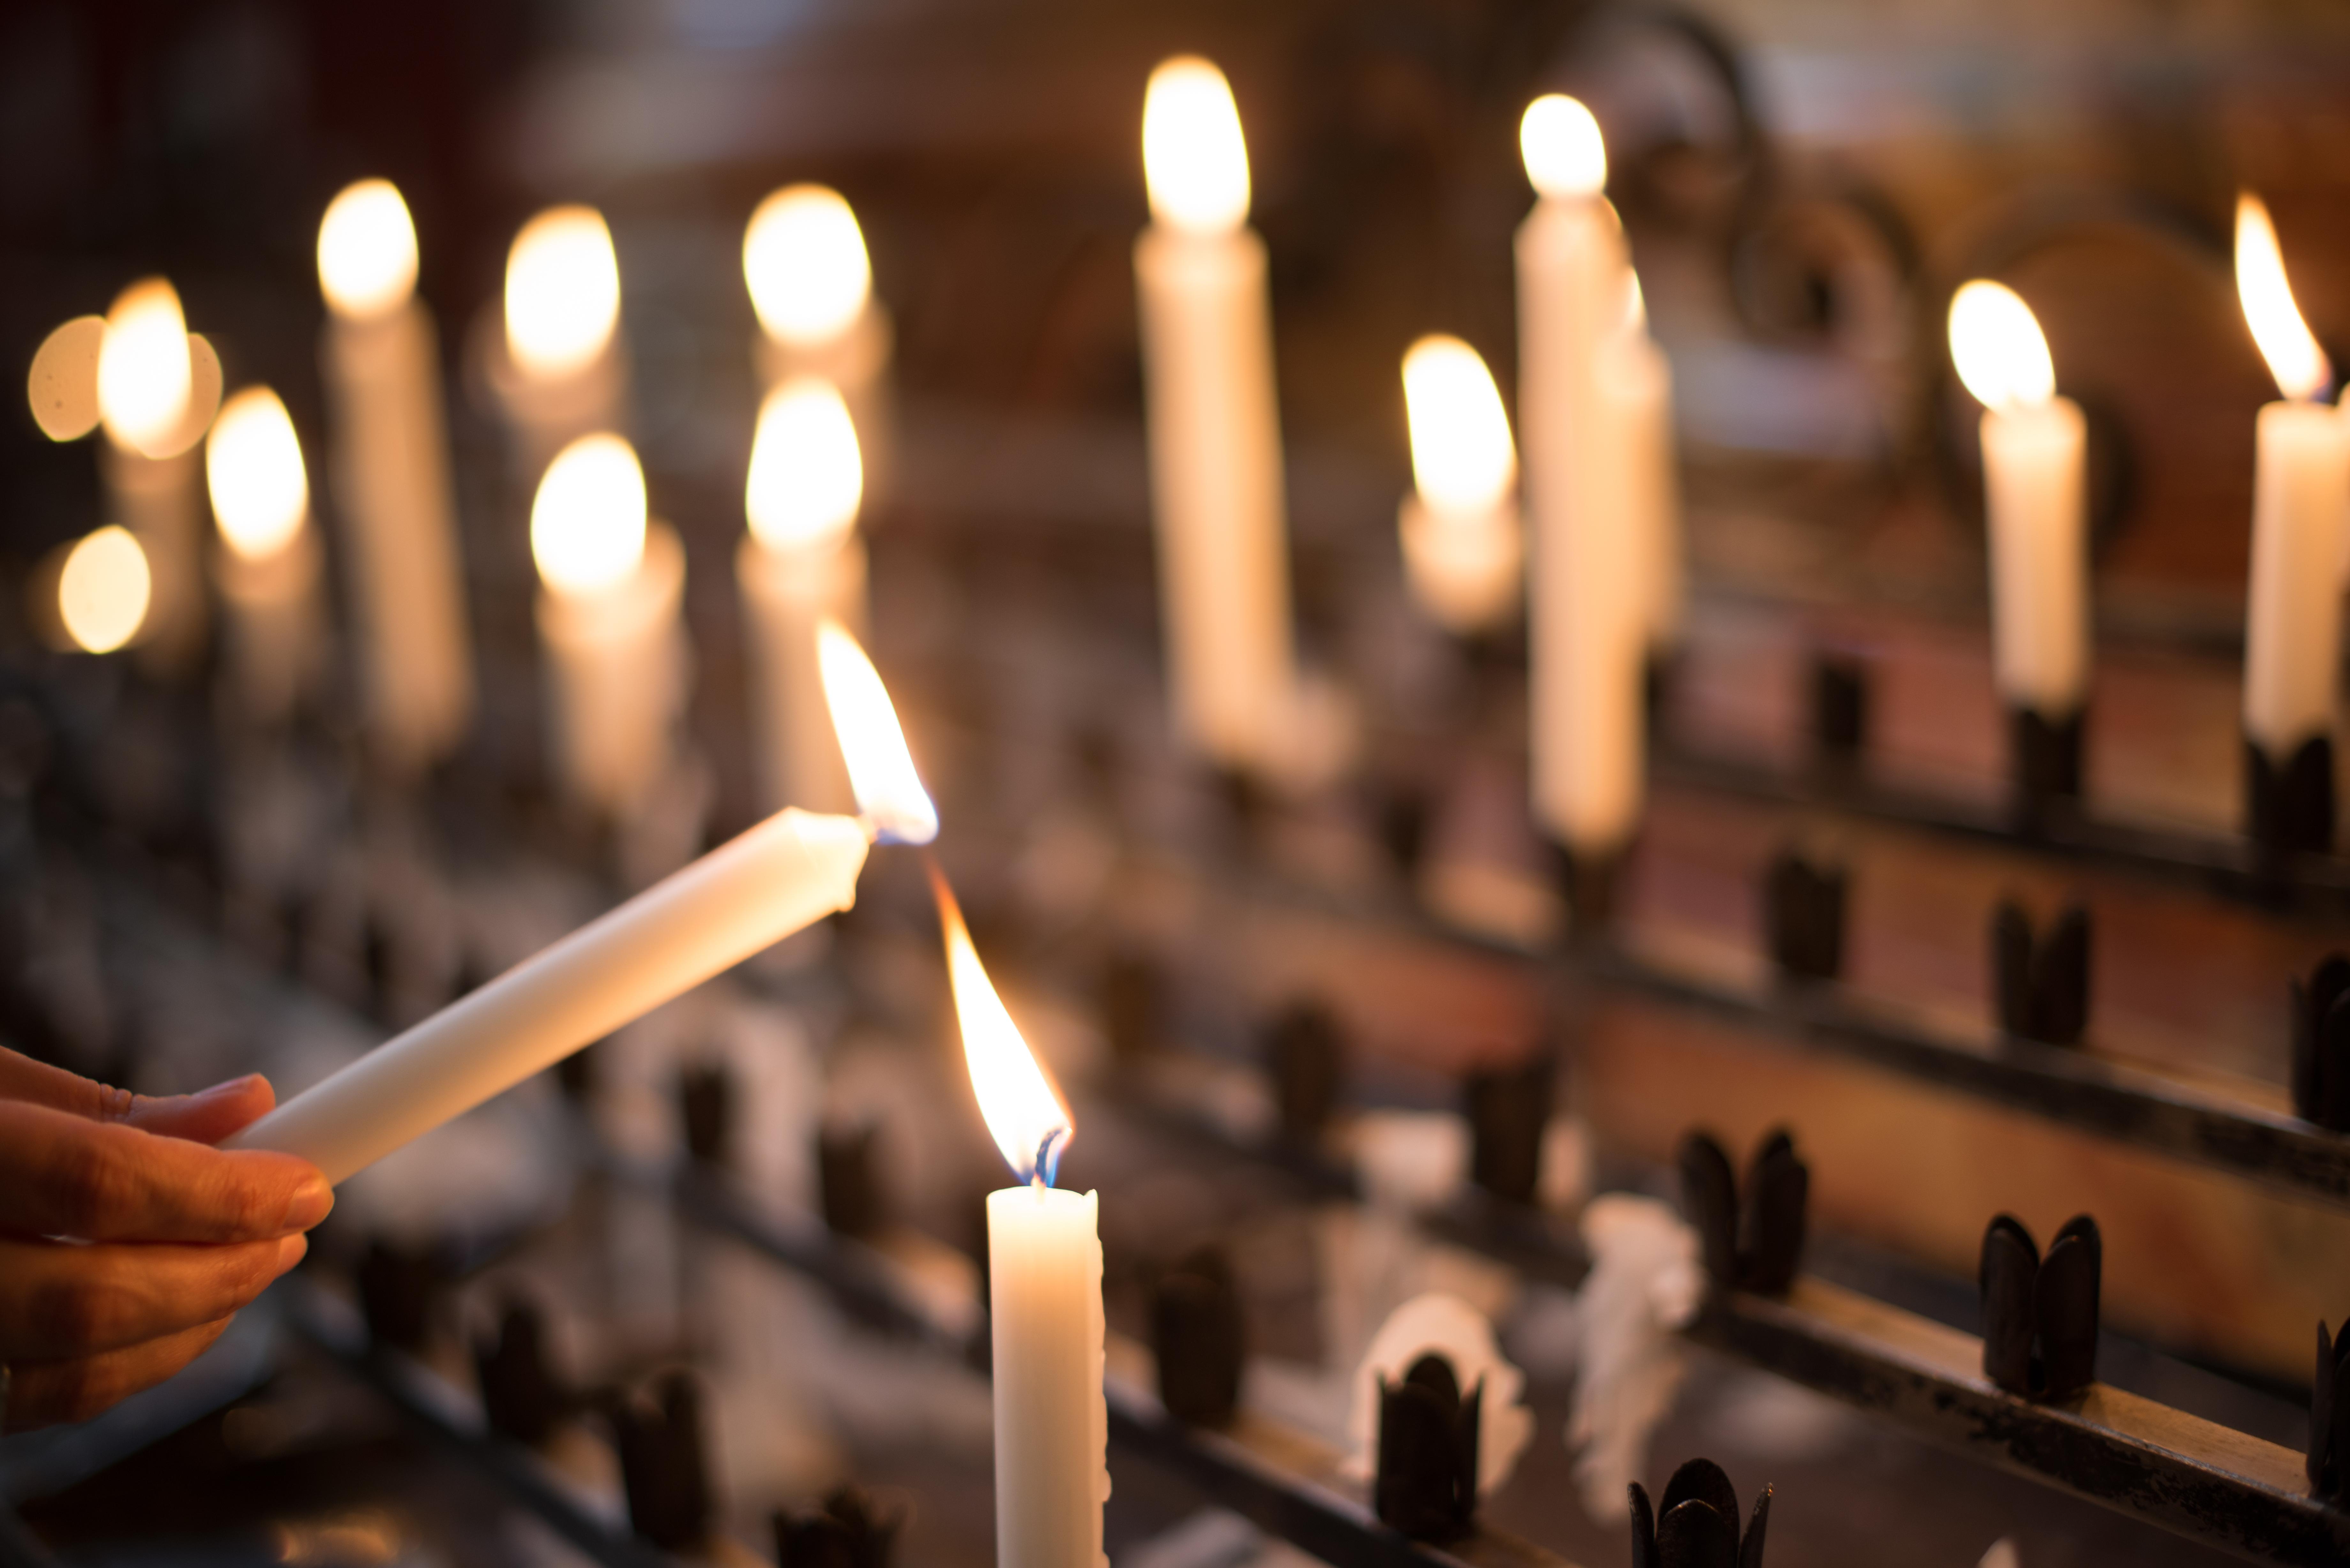 Pide un deseo a la virgen más venerada de Zagreb - Croacia Circuito Lo Mejor de Croacia y Bosnia